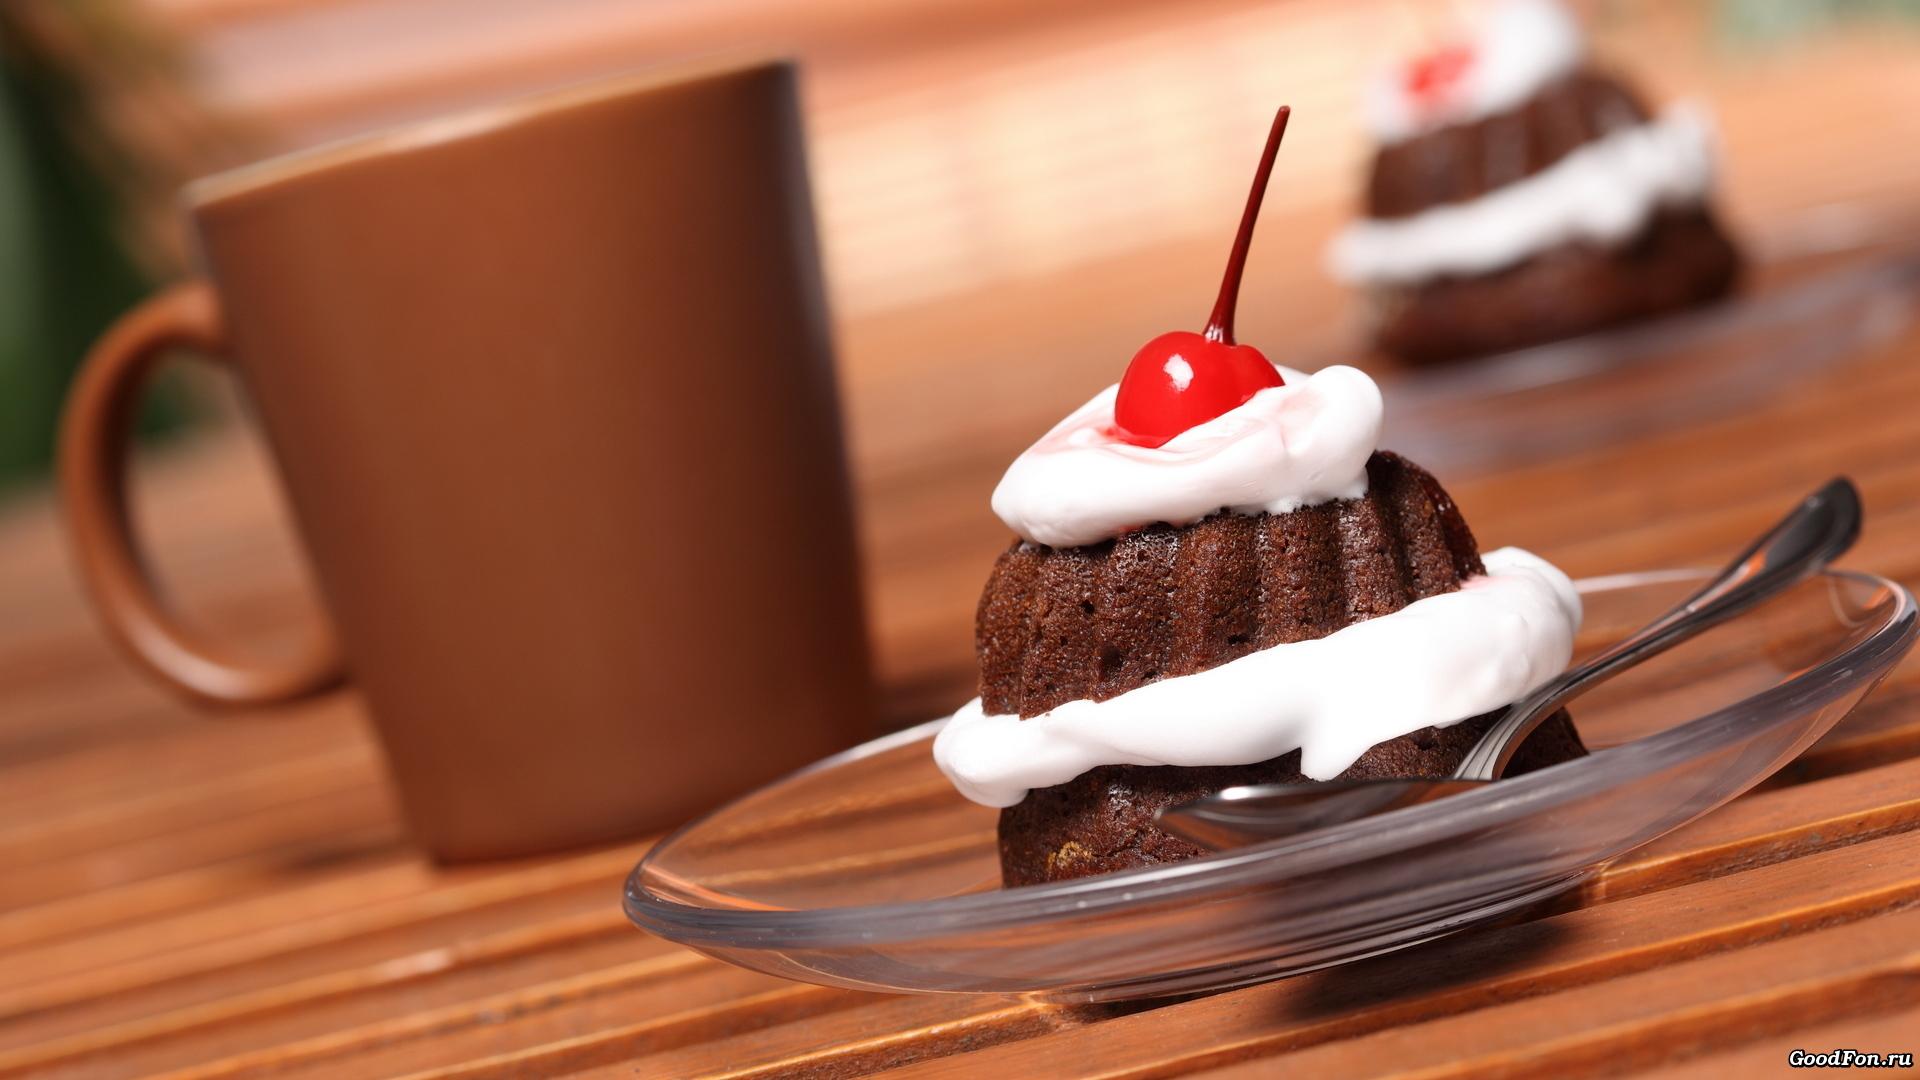 еда торт пирожное food cake бесплатно